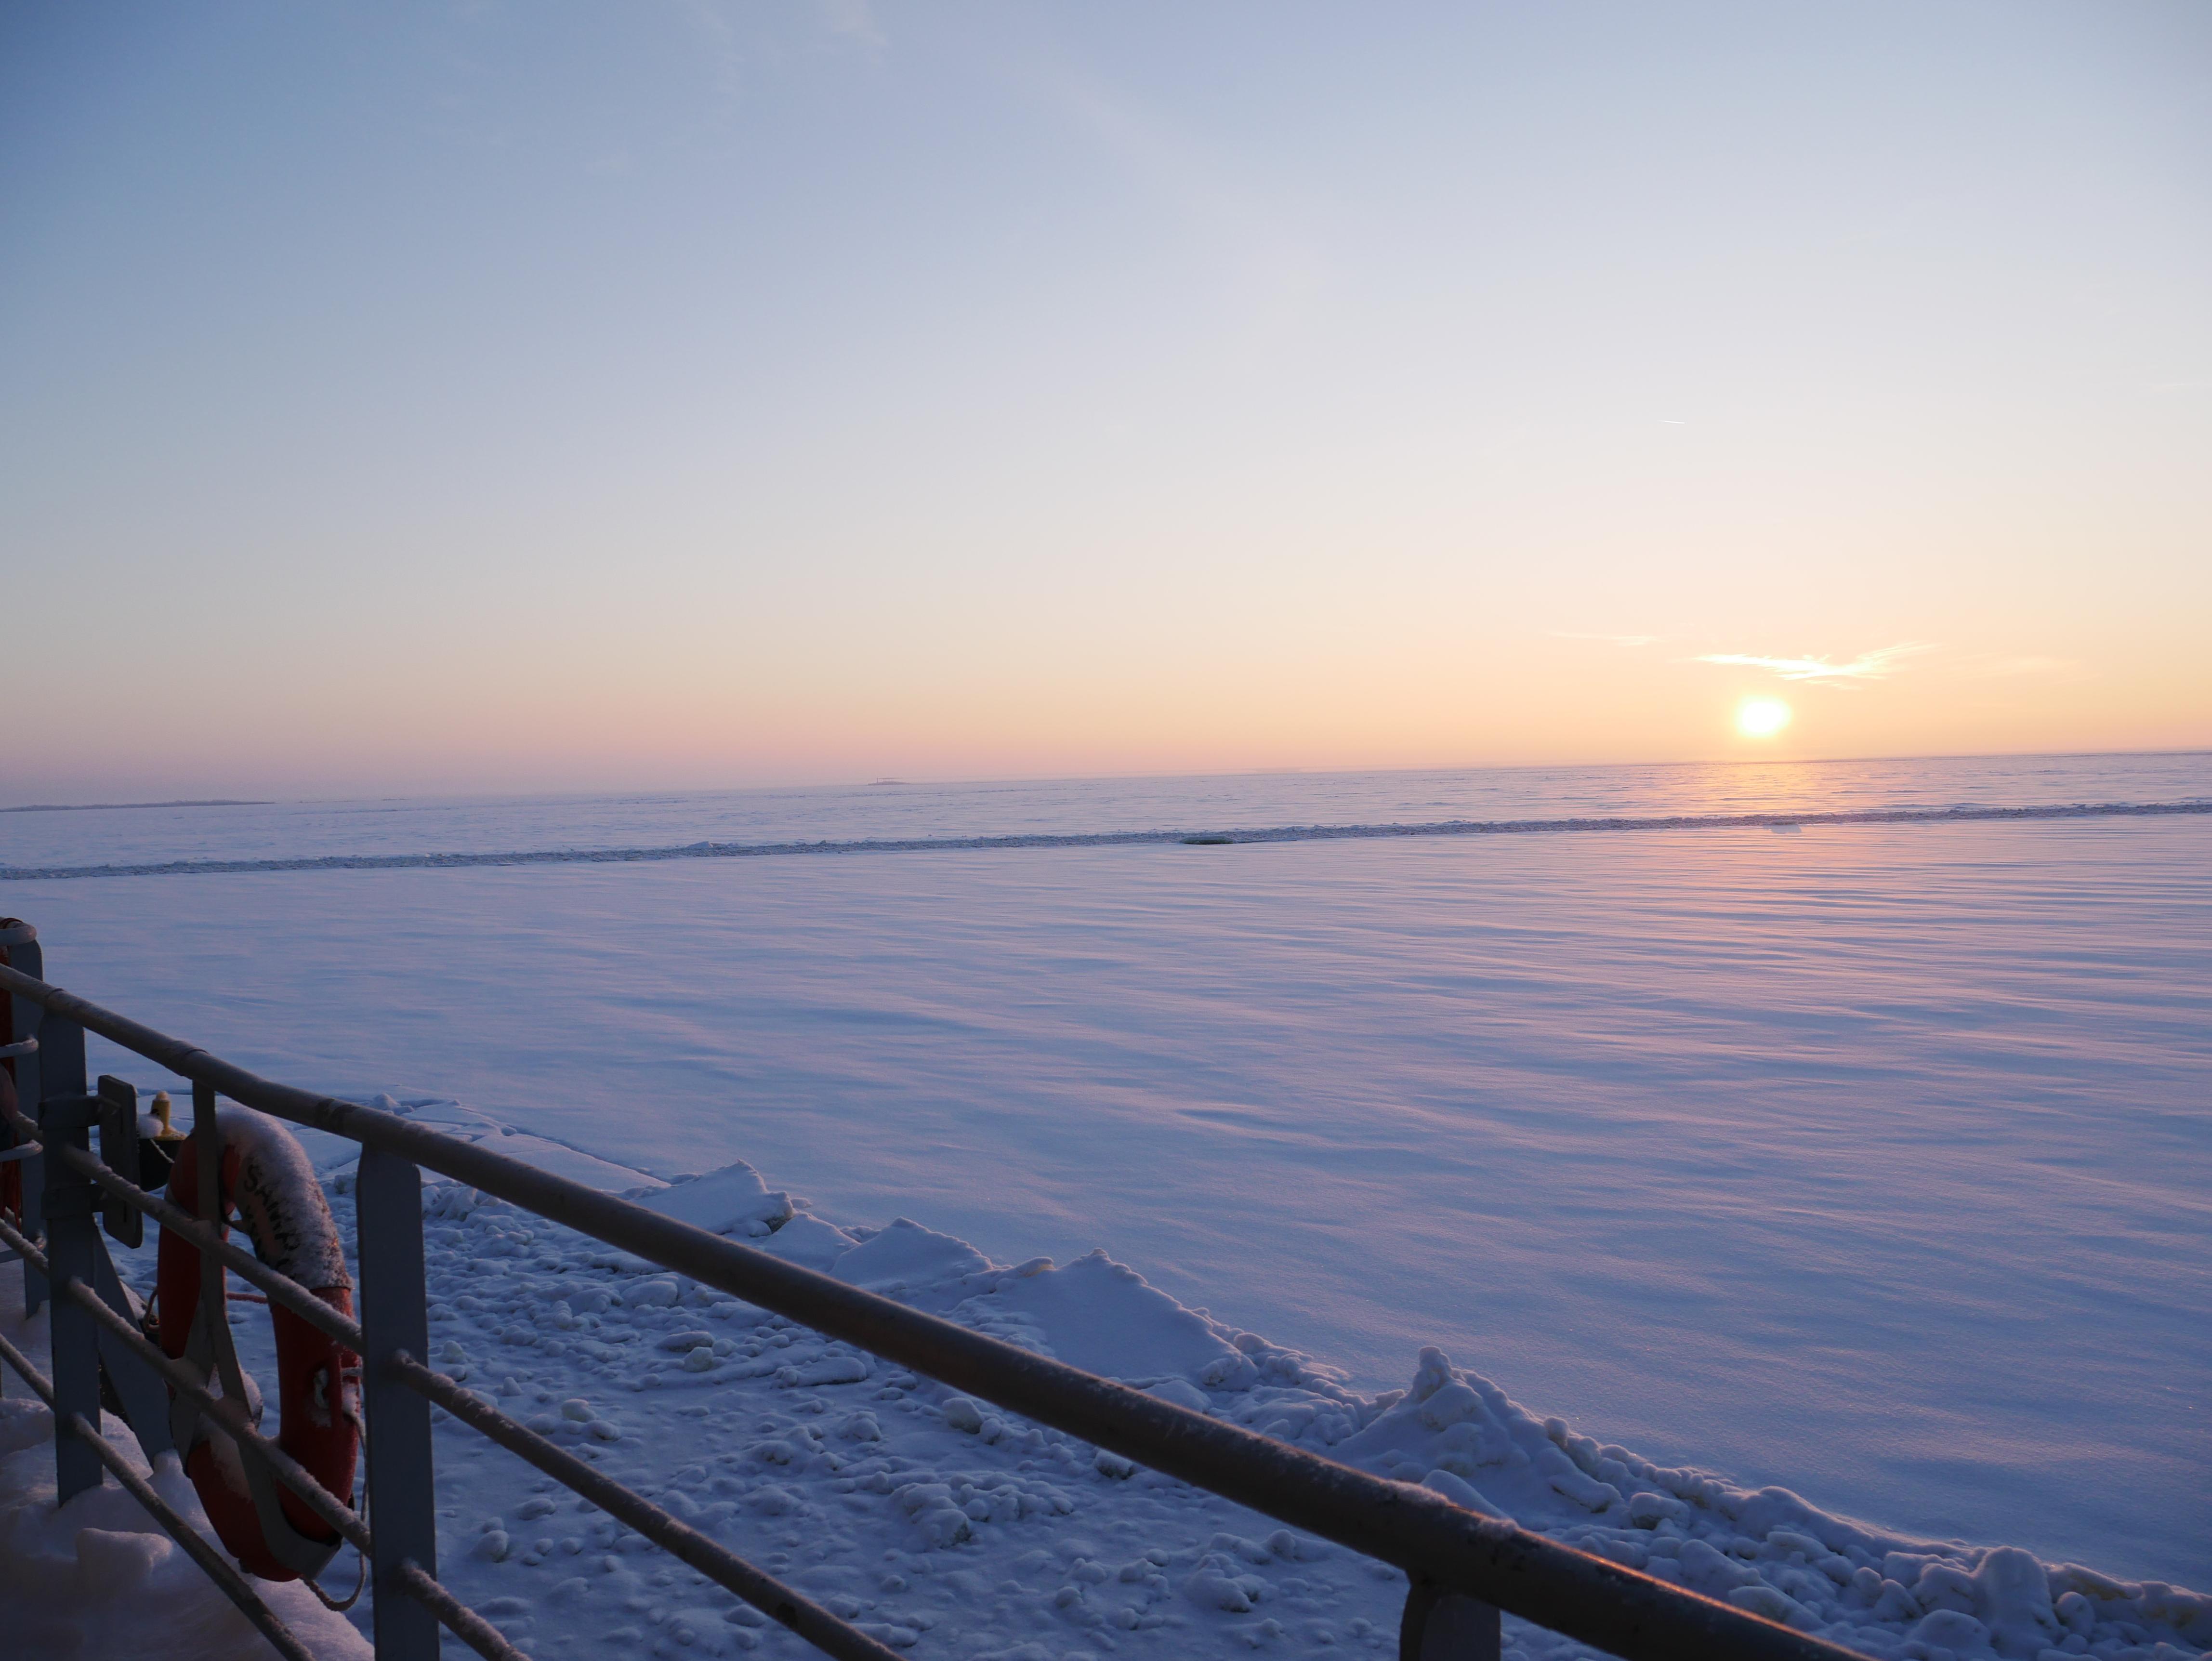 Laponie - Croisière Sampo - Lever de soleil